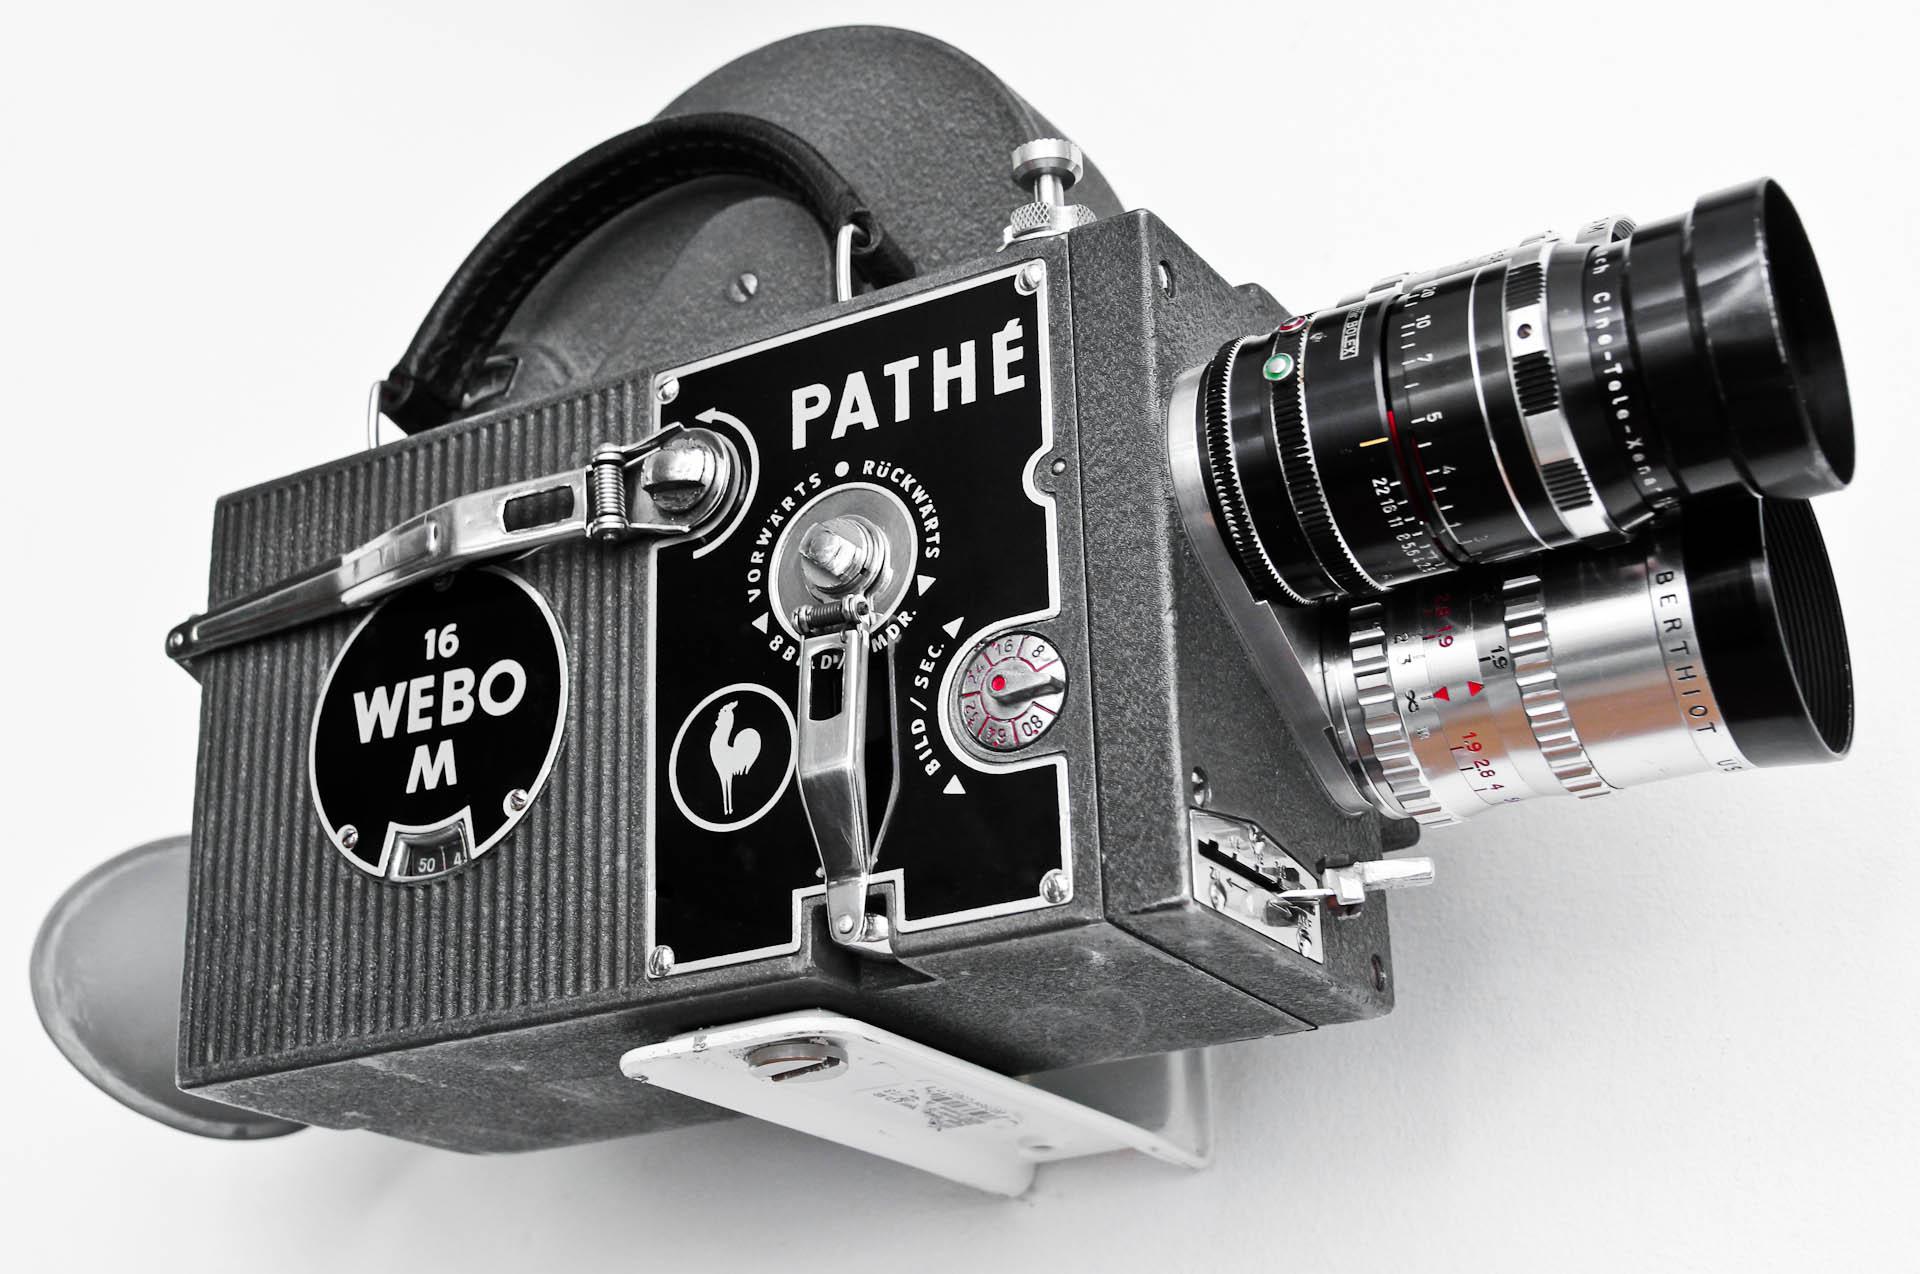 Pathe Webo 16 M -  (8 von 11)